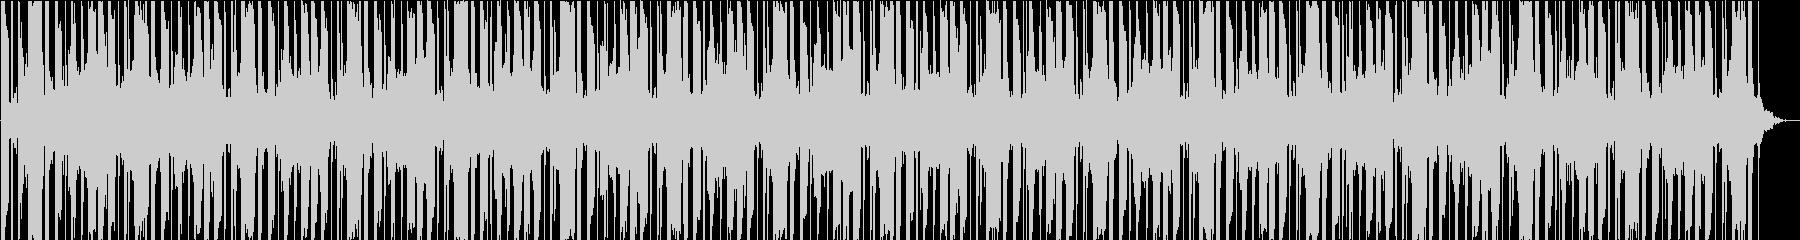 シーケンス 電子ビートダーク01の未再生の波形